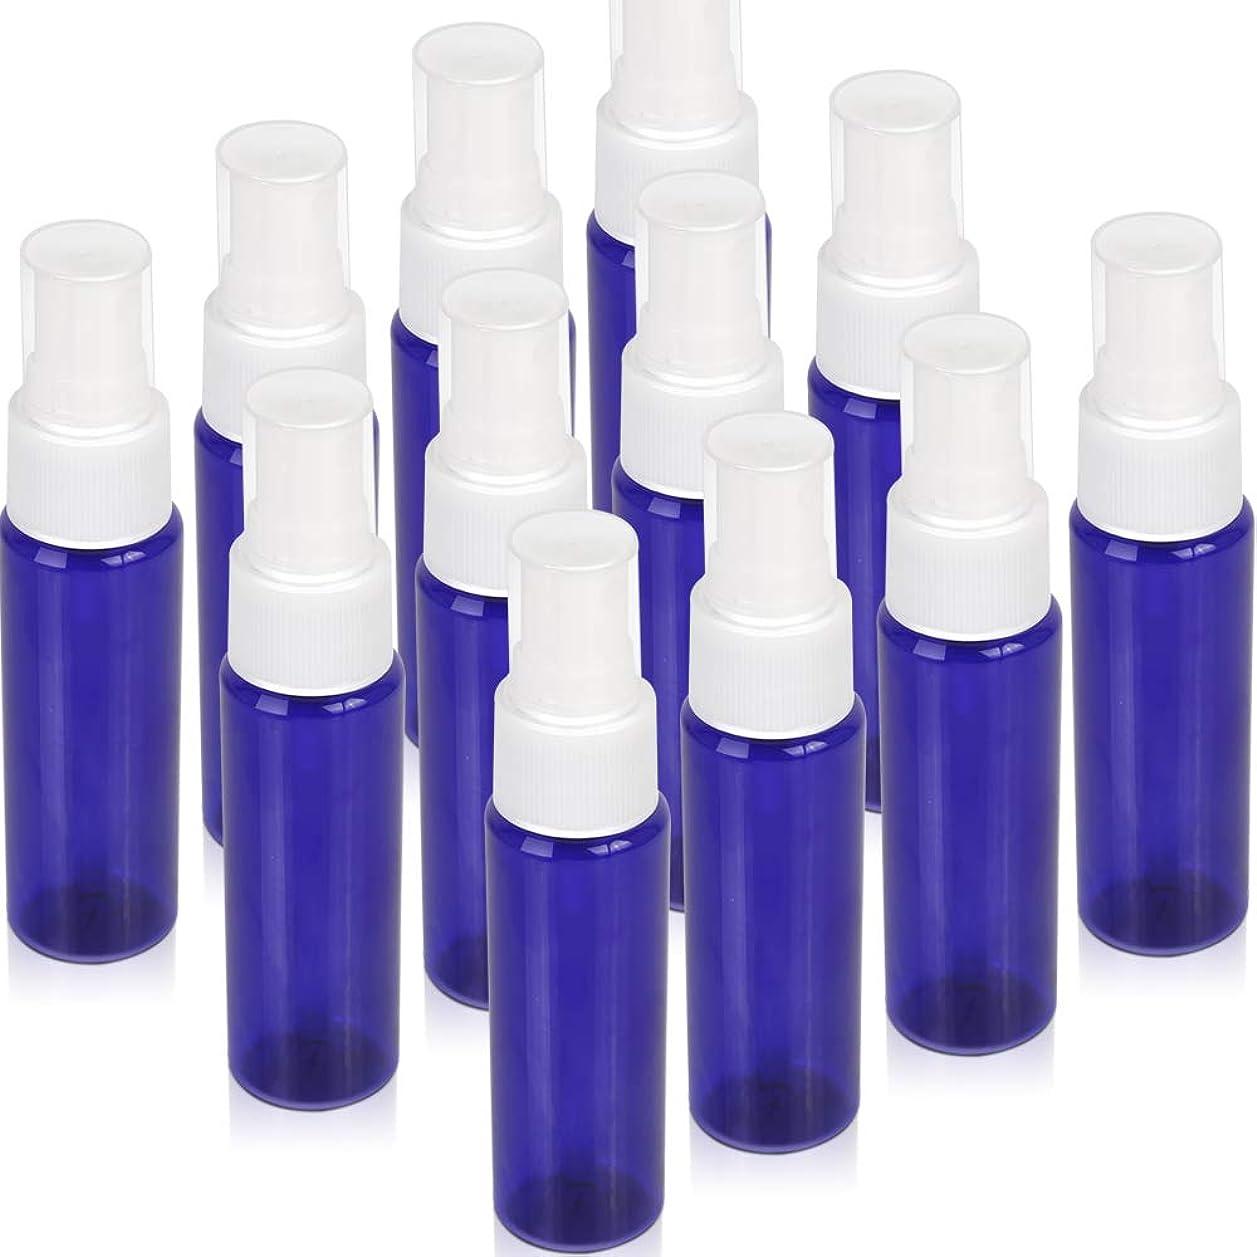 キウイ贅沢な部屋を掃除するTeenitor スプレーボトル 30ml 12本 霧吹き アトマイザー スプレー容器 アロマスプレー 香水スプレー 詰め替え容器 キャップ付 青色 PET製